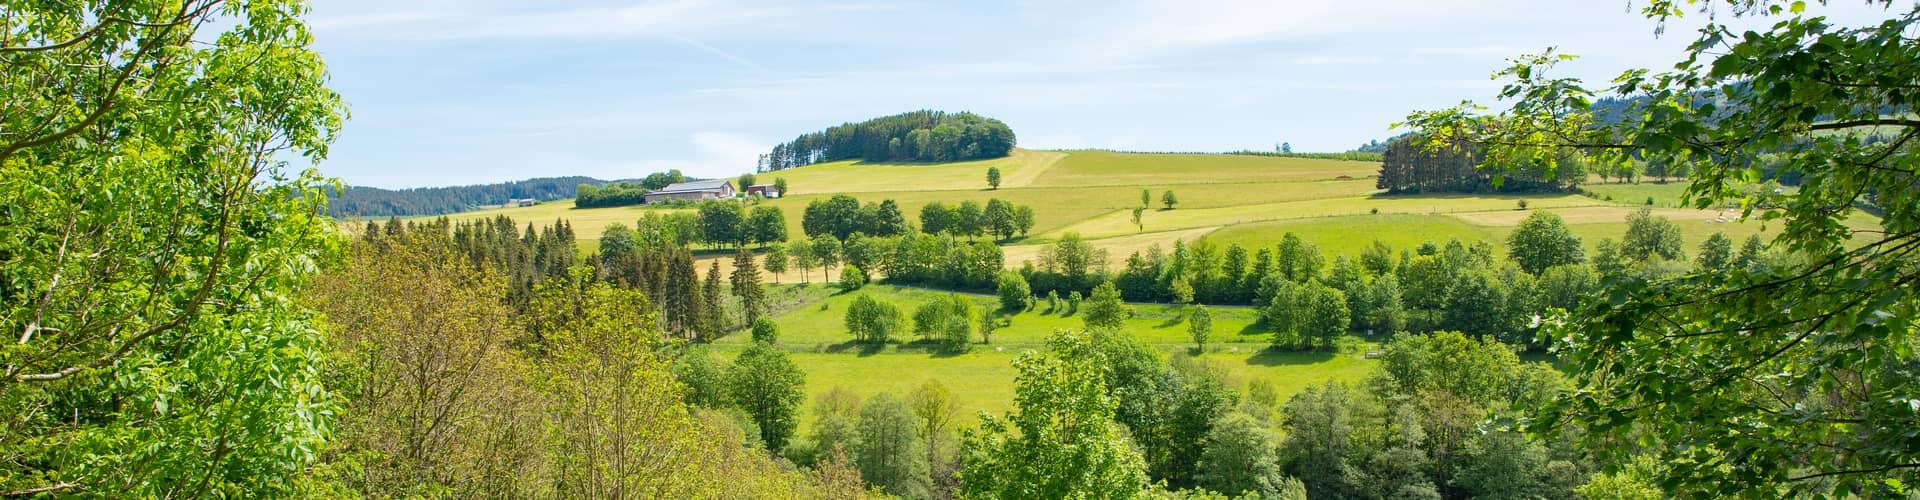 Kamperen in Noordrijn-Westfalen